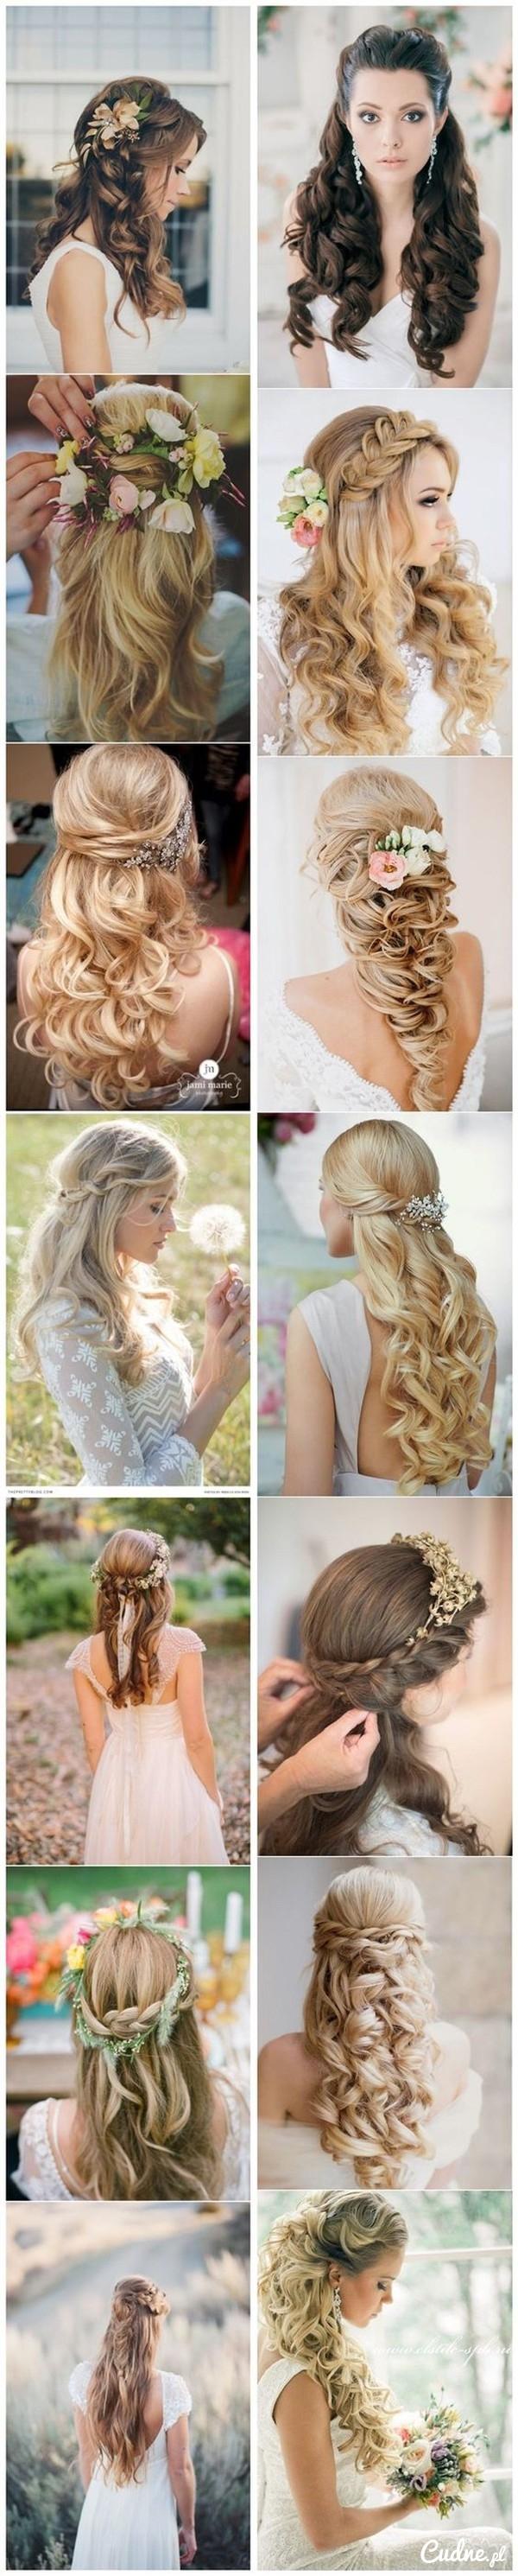 Ślubne Fryzury Włosy Rozpuszczone Na Ślub I Wesele